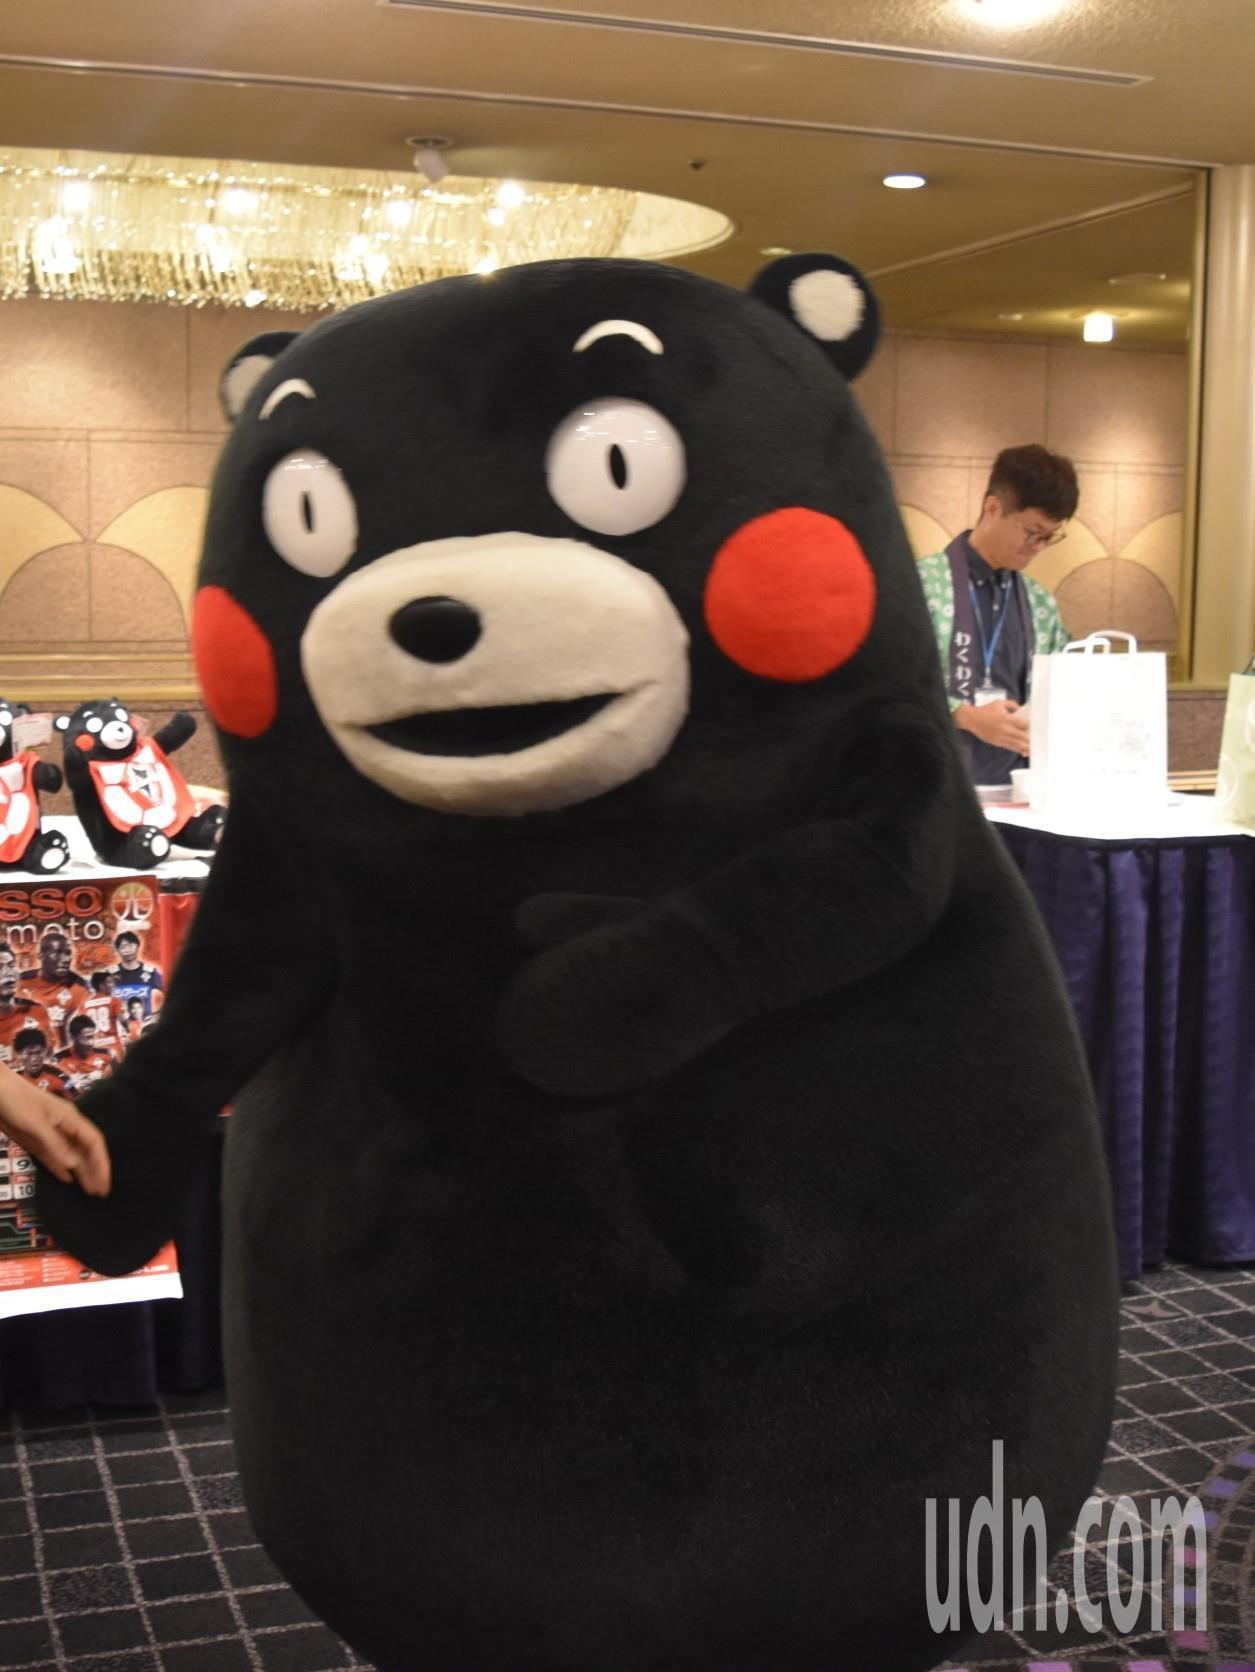 去年創下1500億日圓營業額的日本熊本縣吉祥物「酷MA萌」將重新正名為「熊本熊」...